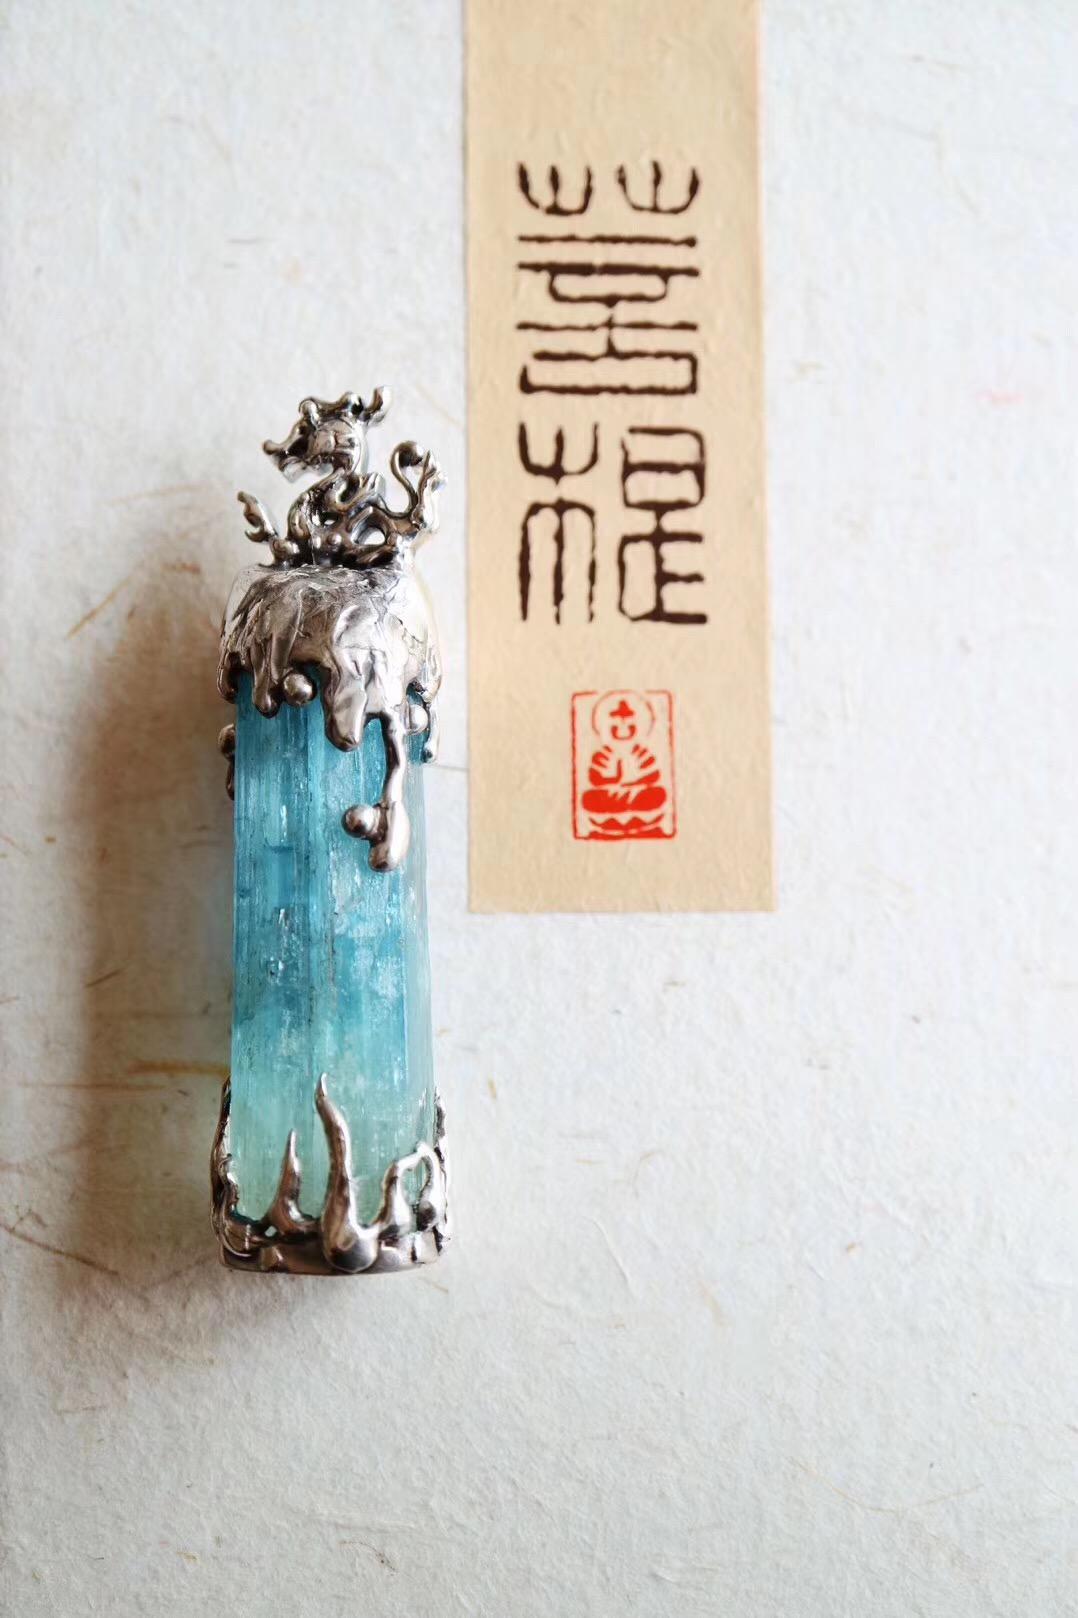 【菩心-海蓝宝原石】古龙海蓝宝印章,此情可待-菩心晶舍